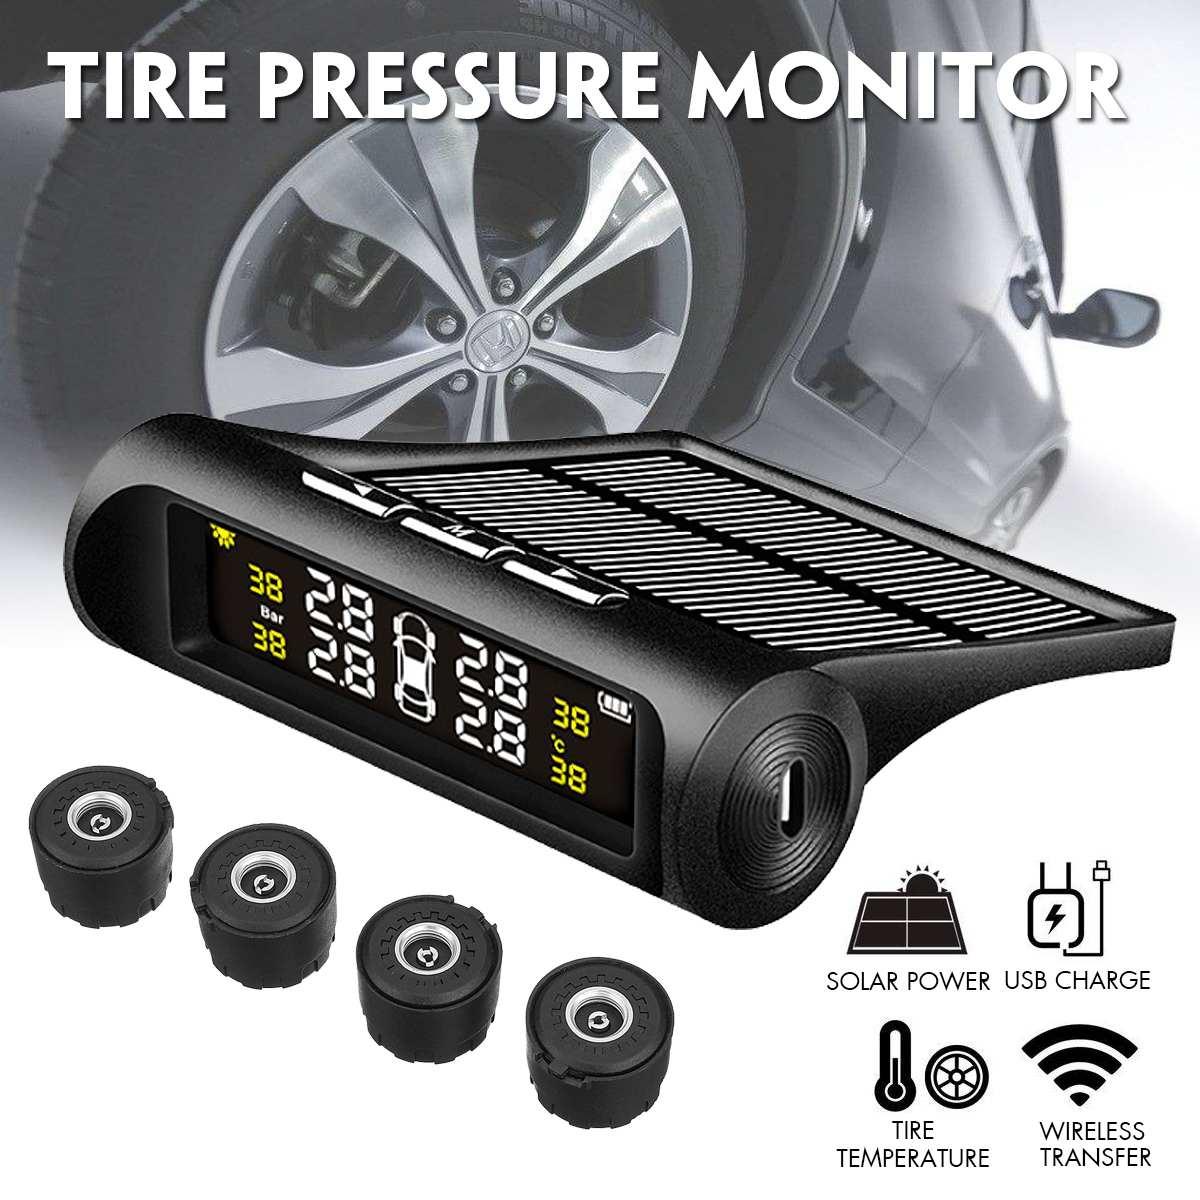 Автомобильная солнечная Беспроводная TPMS система контроля давления в шинах ЖК + 4 внешних датчика автомобиля автомобильная шина для грузови...